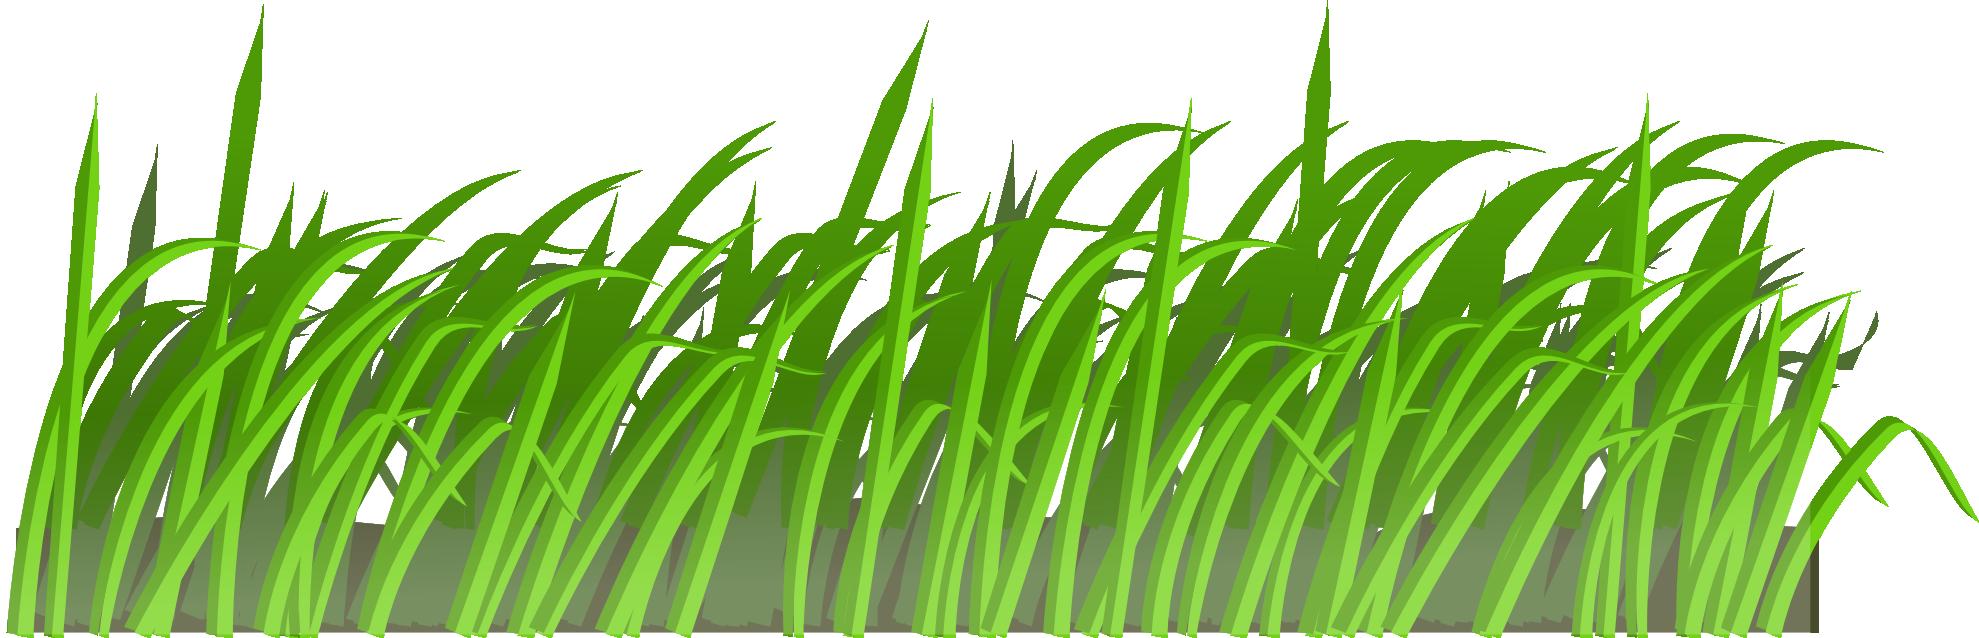 Green Grass Eight.